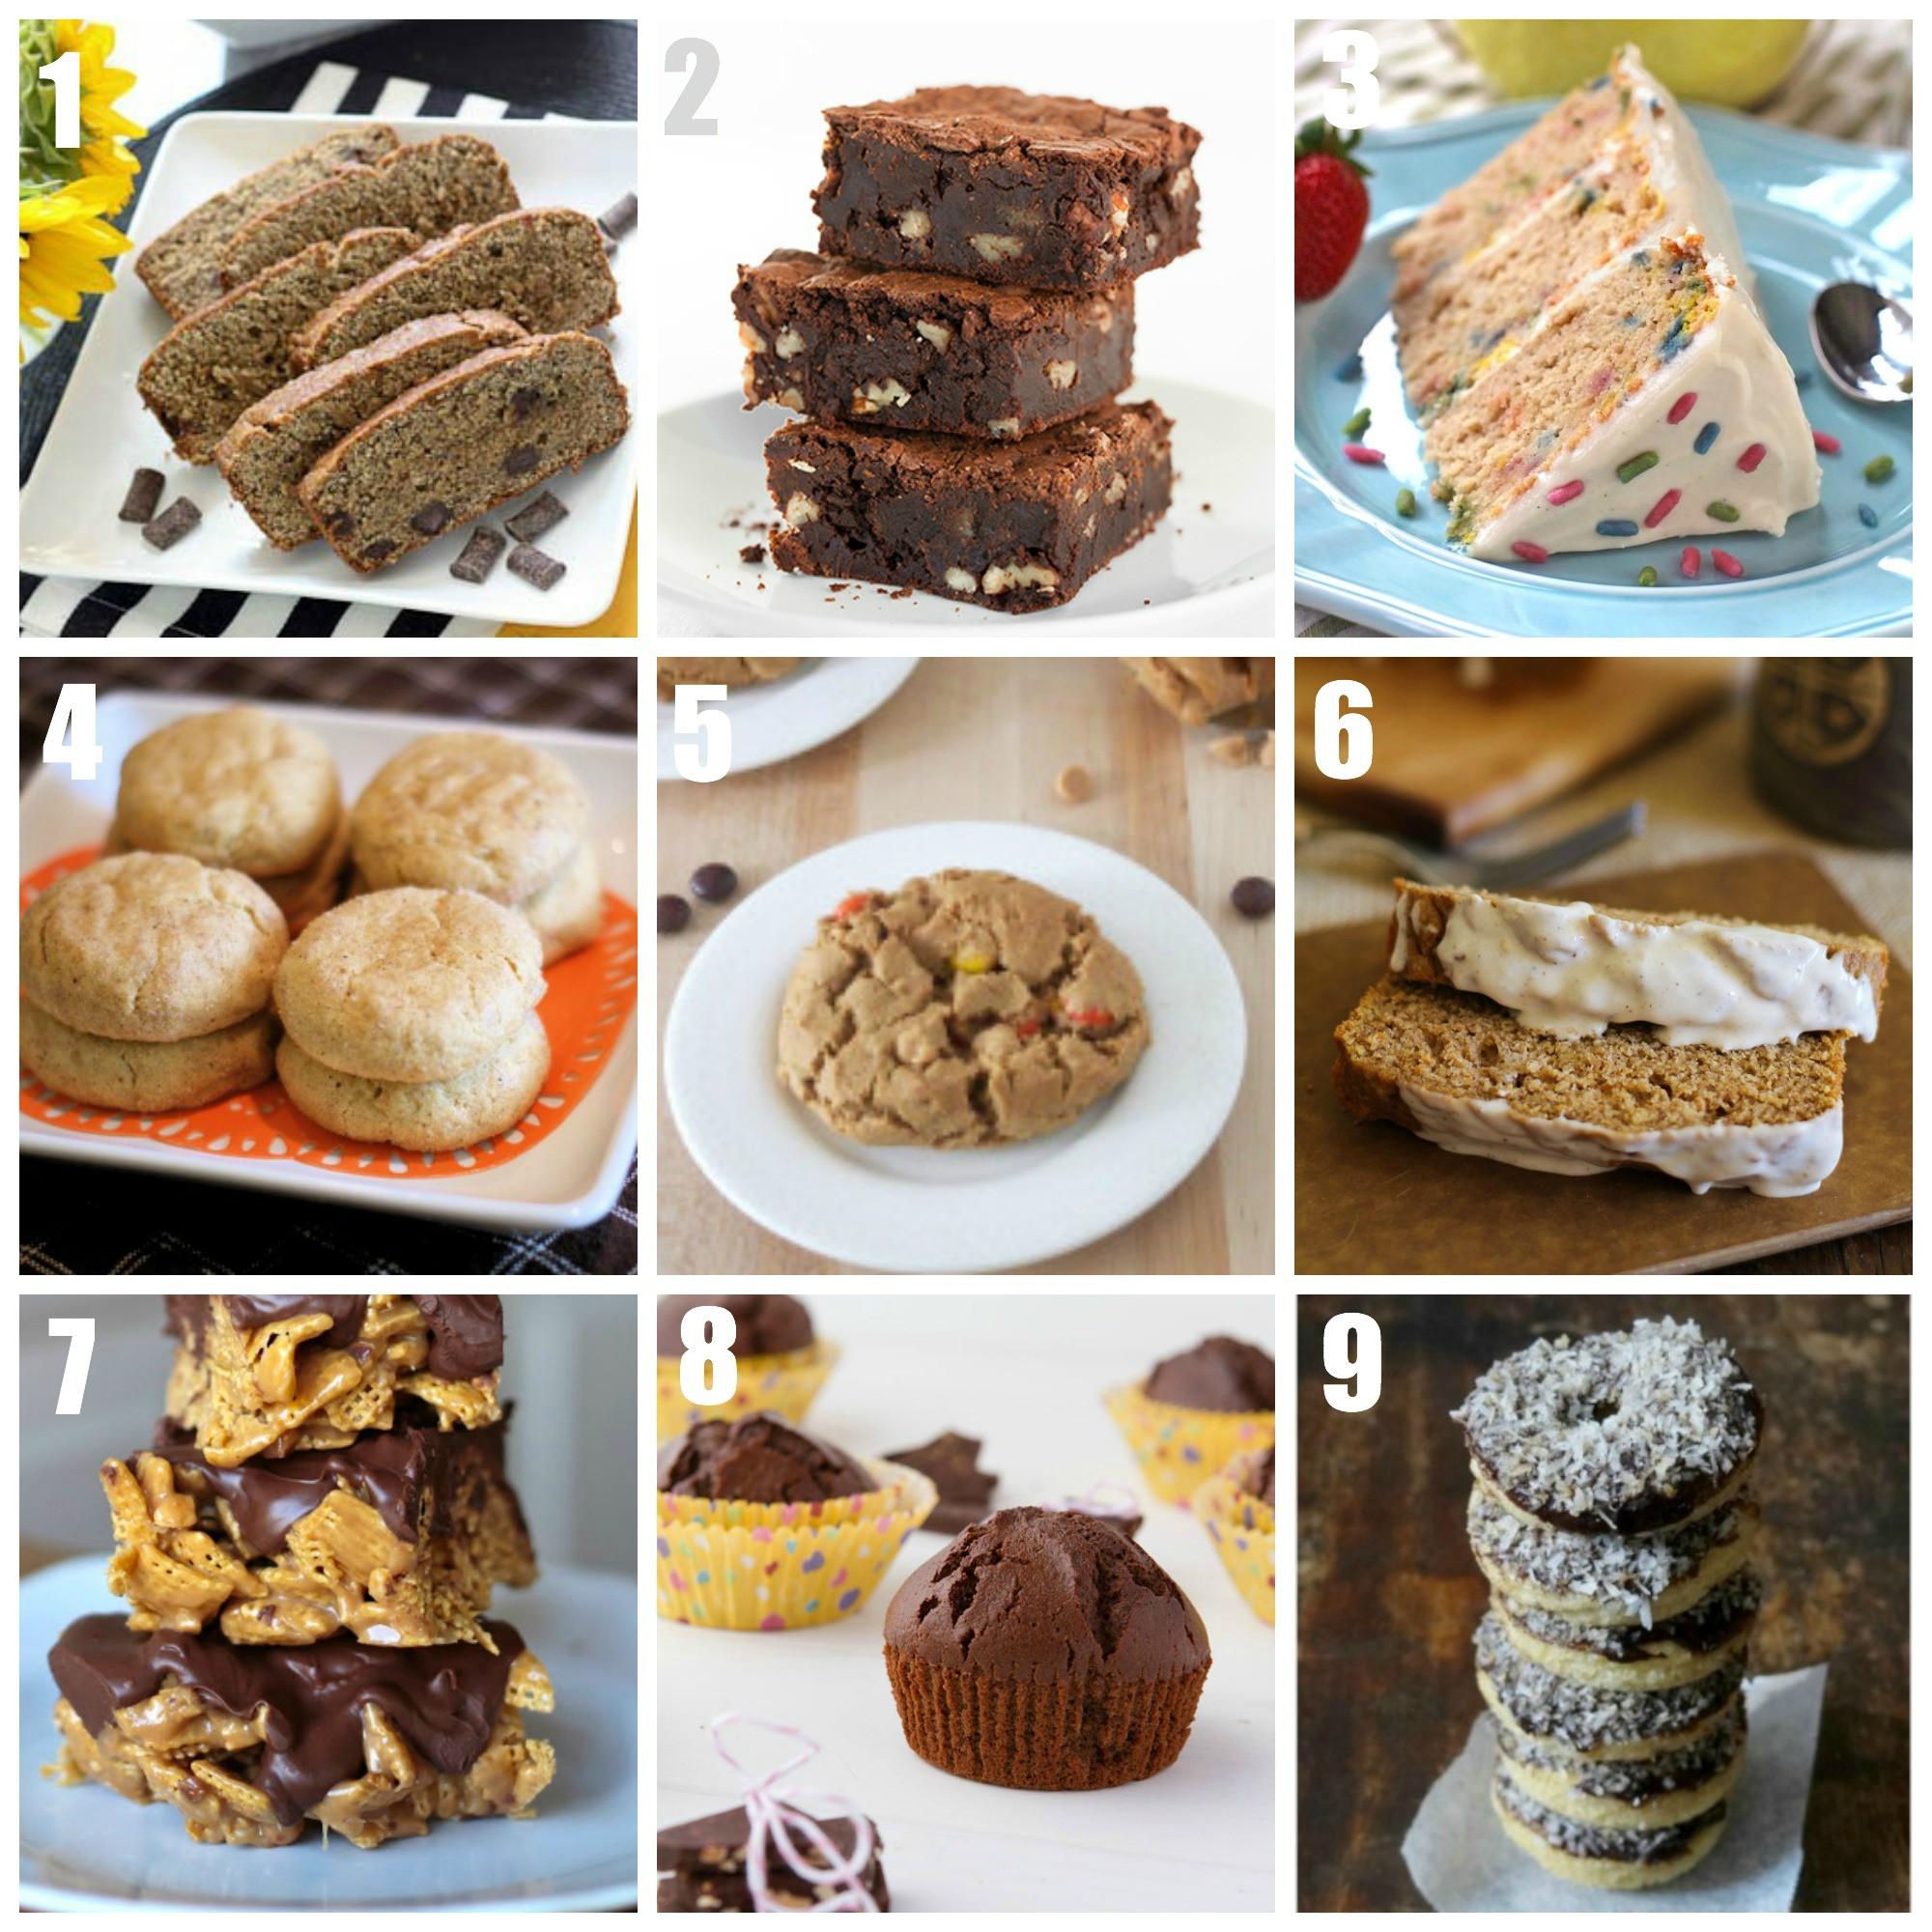 Gluten Free Dairy Free Desserts  Easy Gluten Free Dessert Recipes